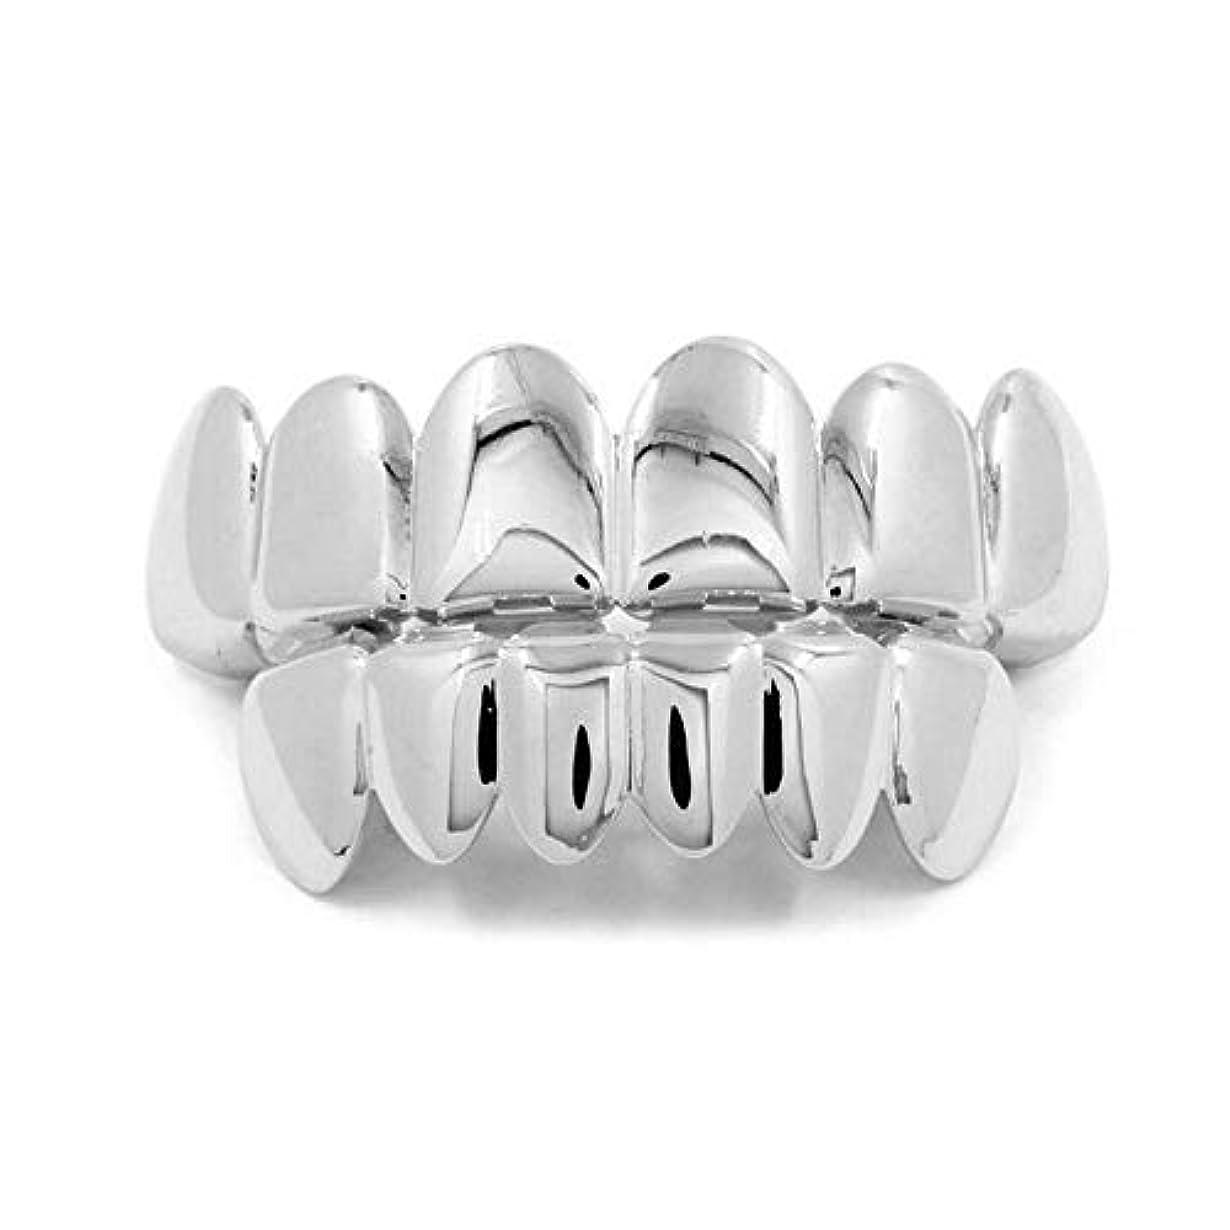 取り除く持参兵隊ヨーロッパ系アメリカ人INS最もホットなヒップホップの歯キャップ、ゴールド&ブラック&シルバー歯ブレースゴールドプレート口の歯 (Color : Silver)